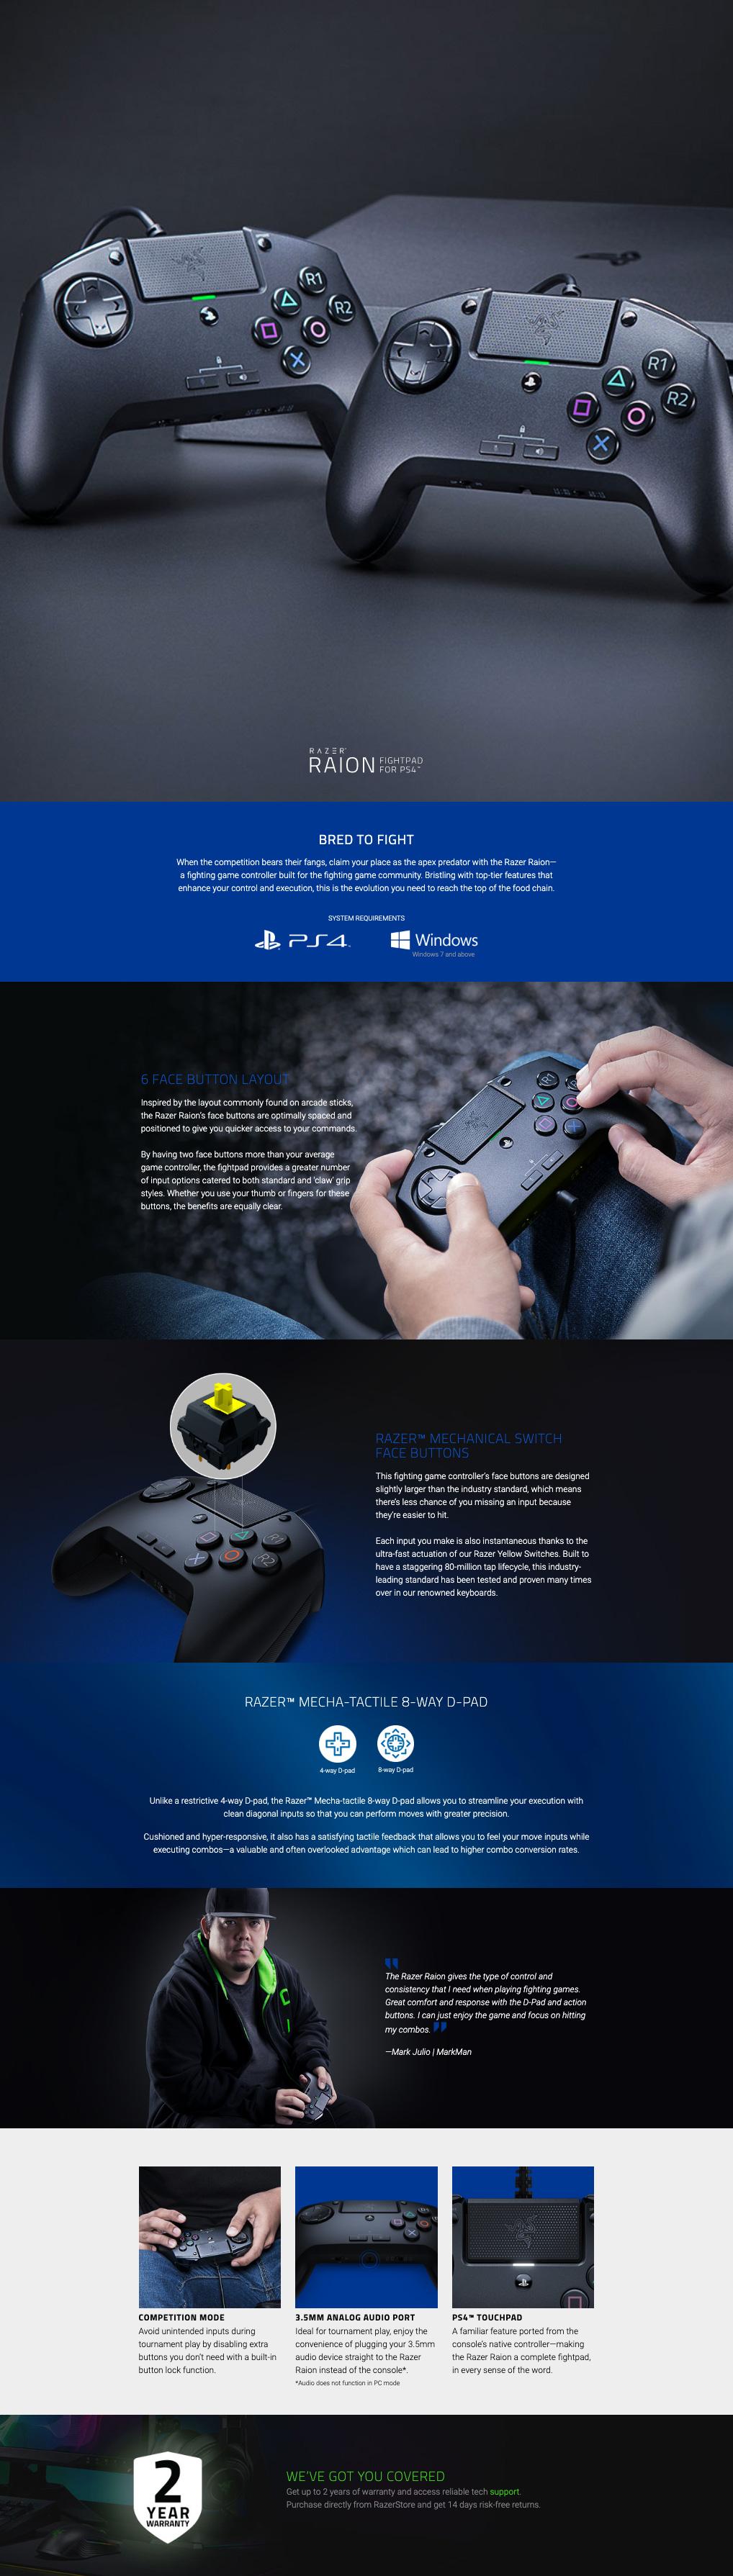 בקר גיימינג חוטי Razer Raion Fightpad for PS4